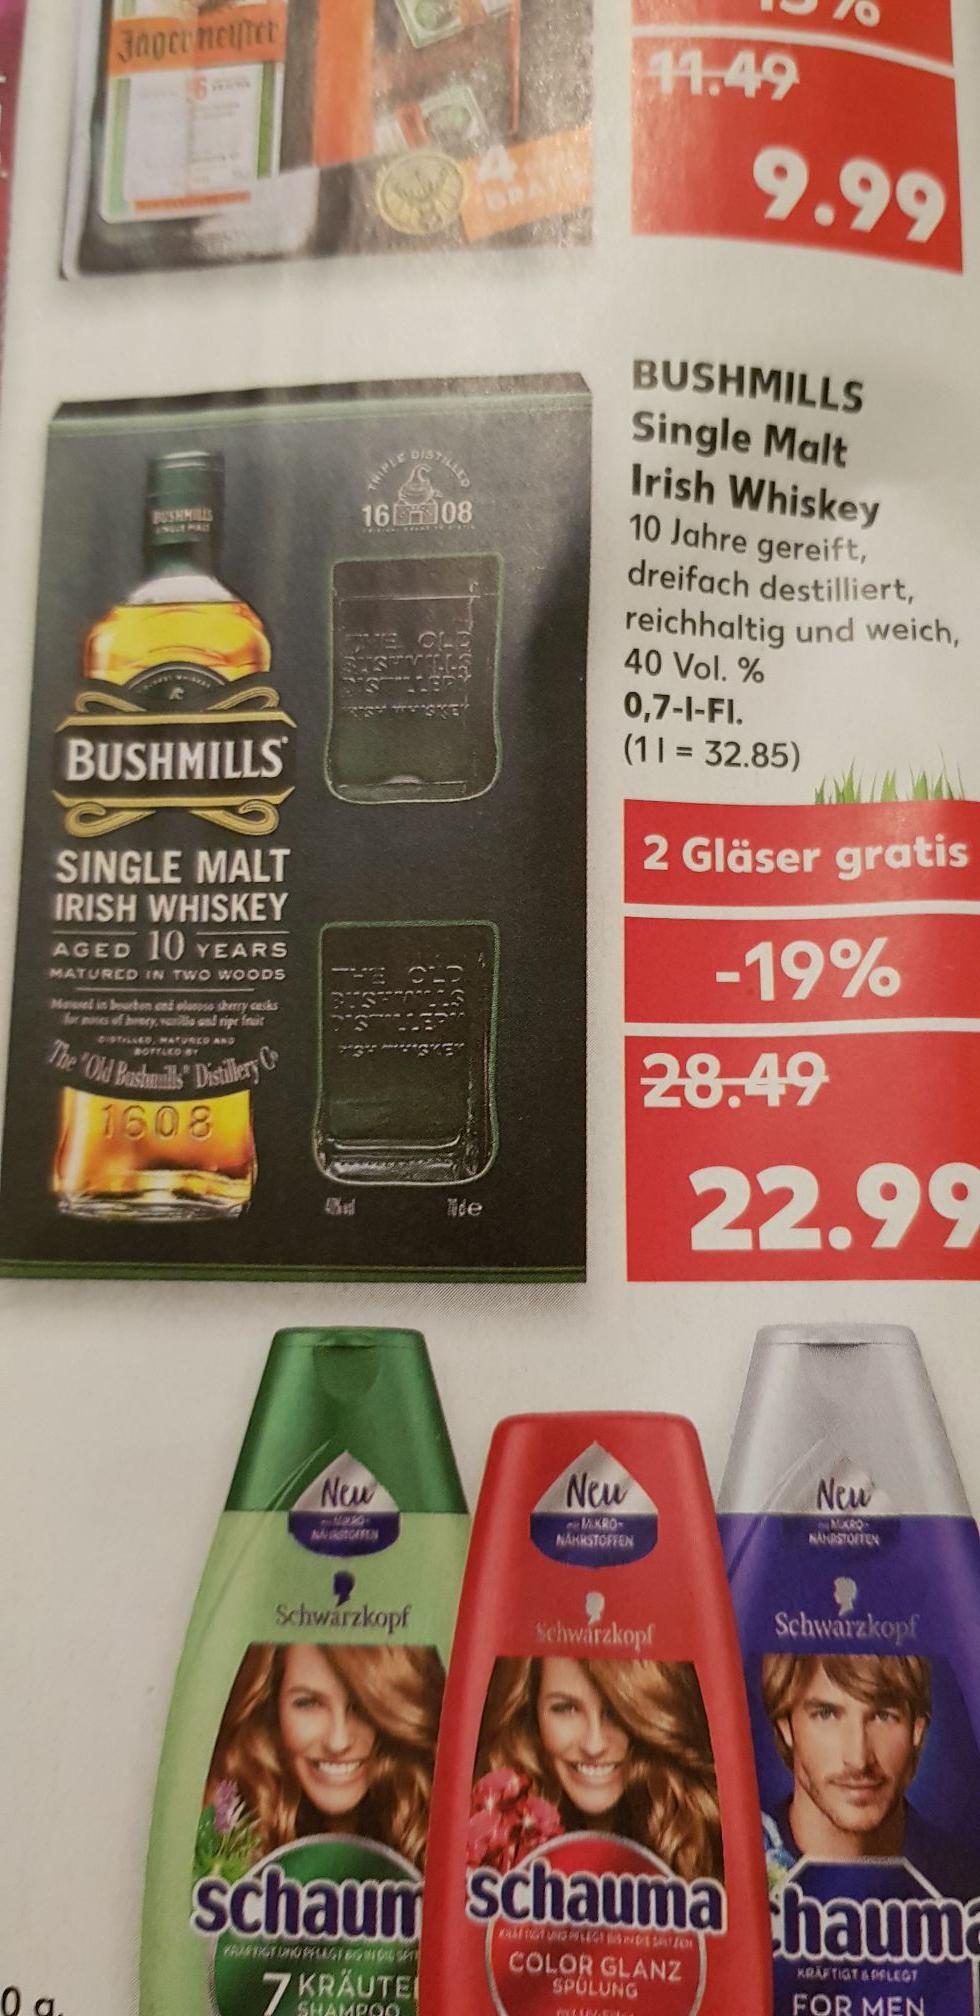 *Kaufland Bundesweit *Bushmills 10 Jahre Single Malt